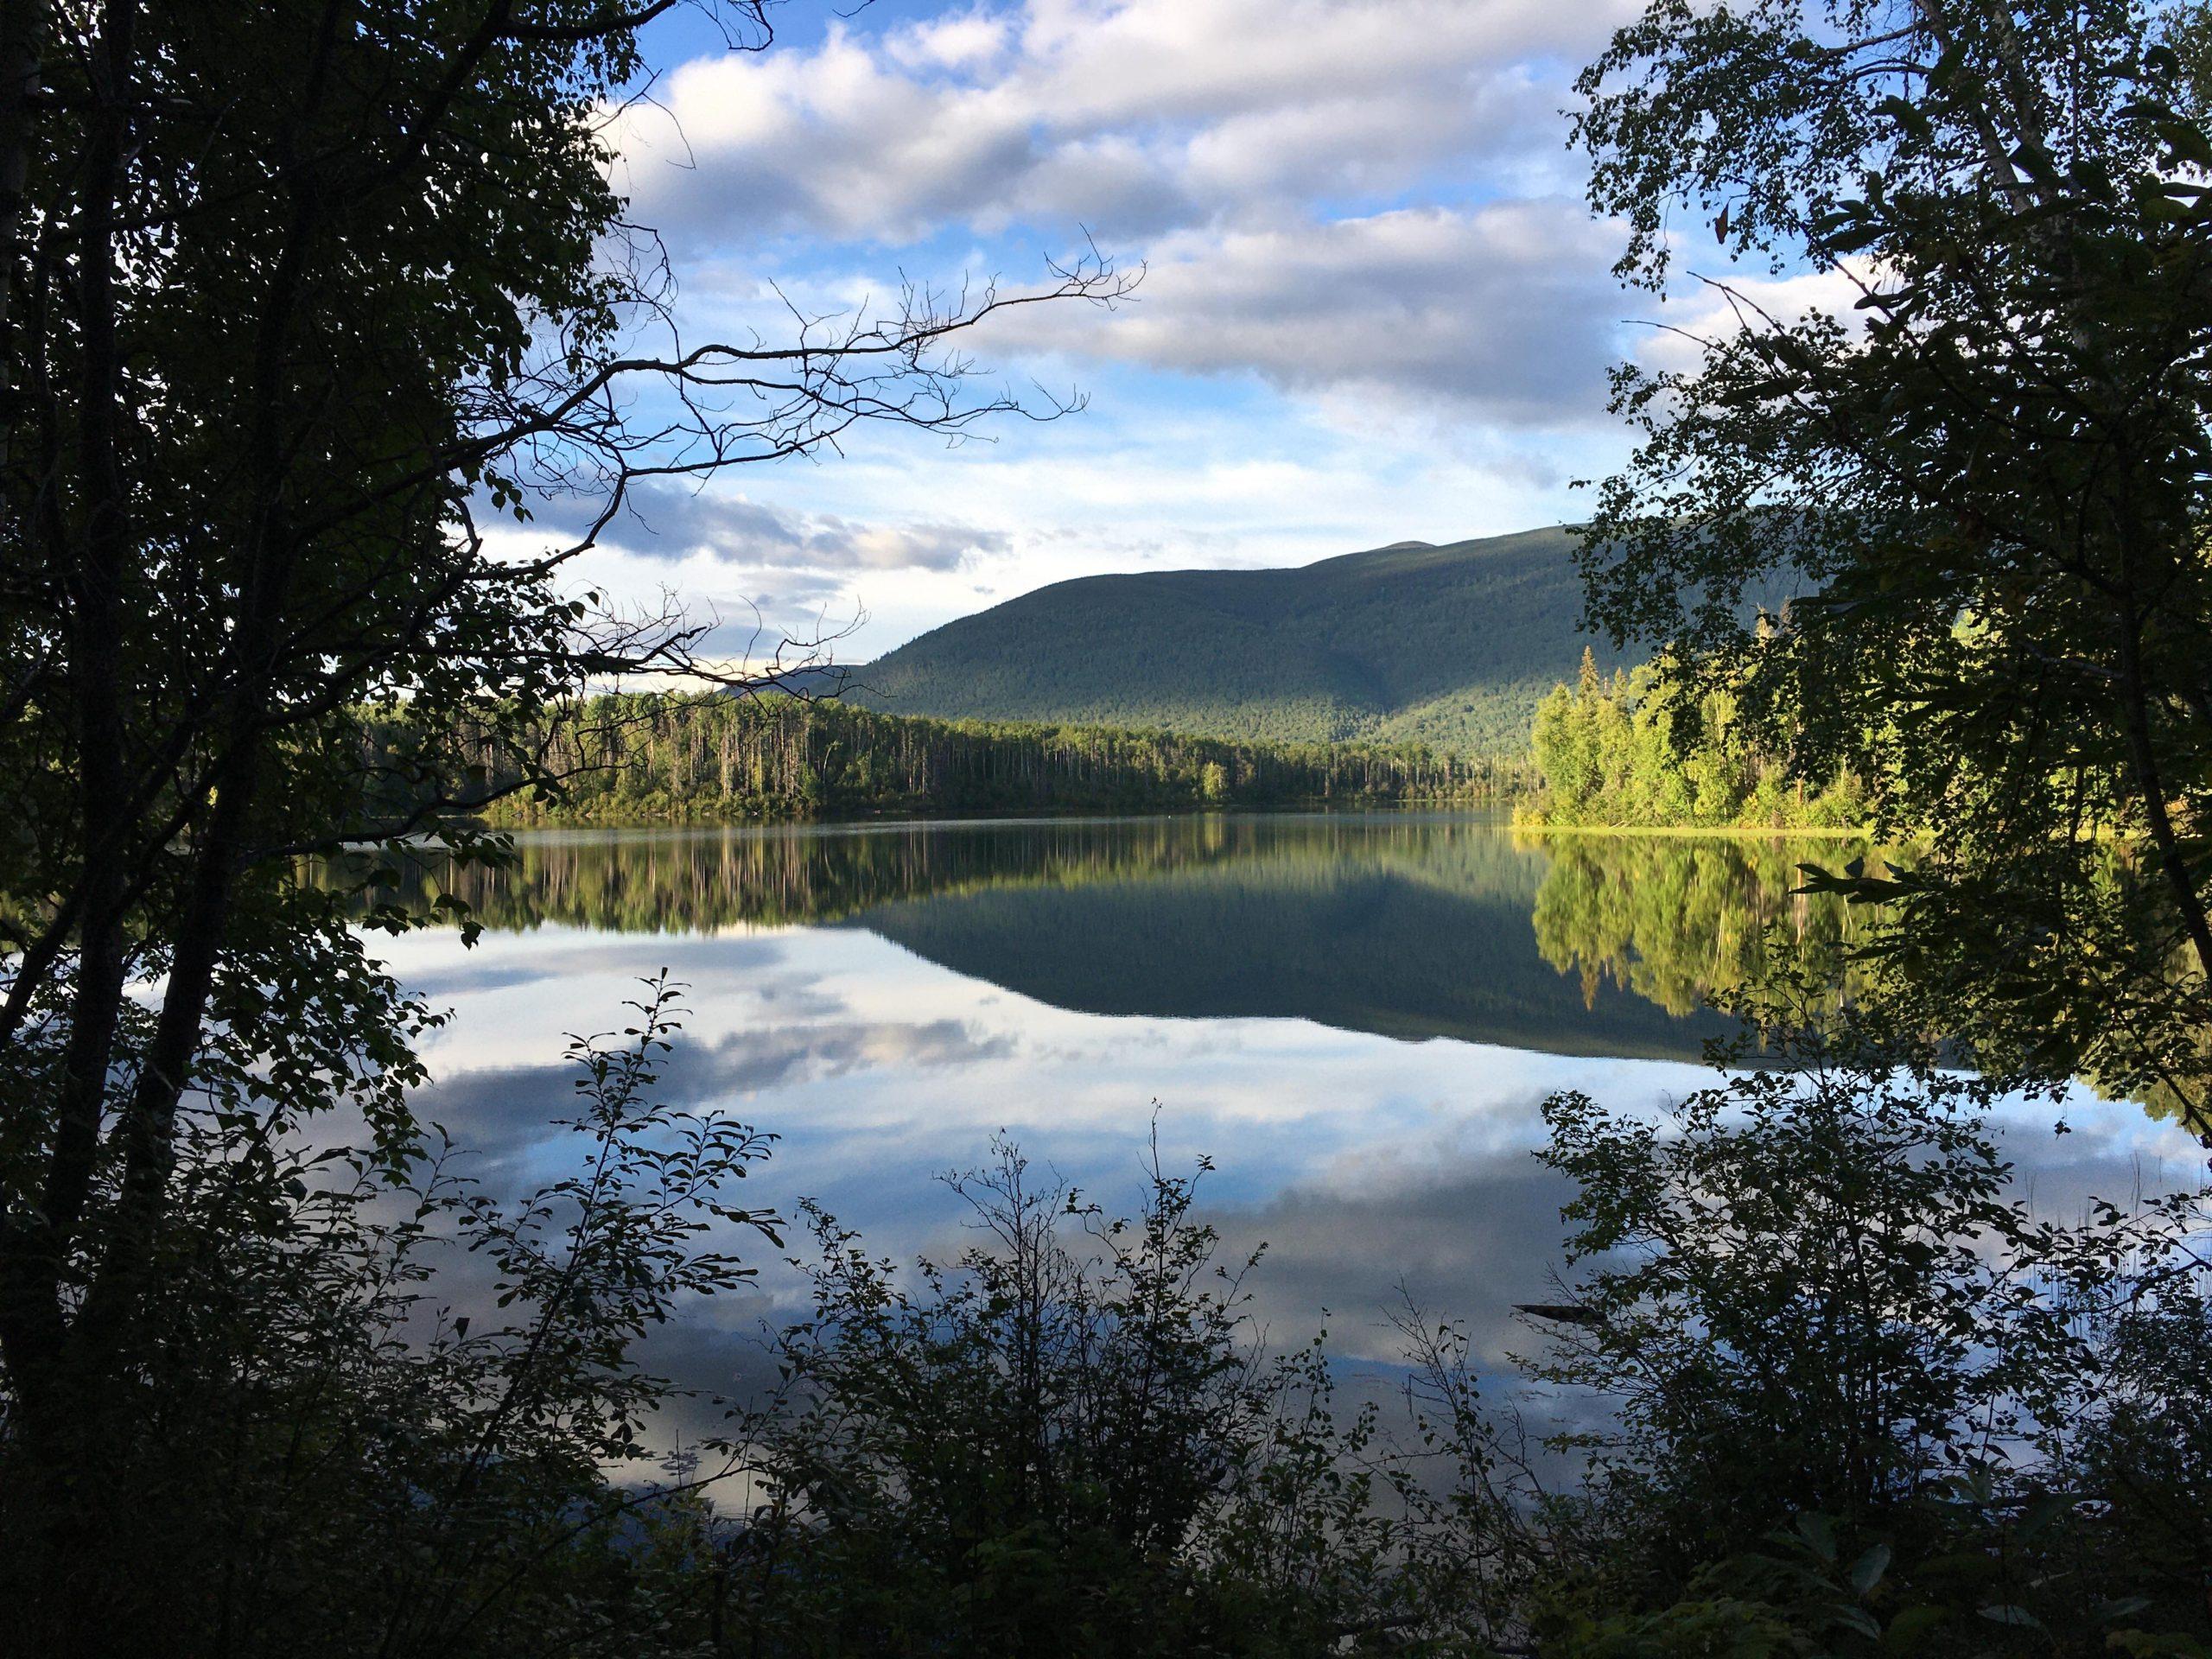 Gantahaz Lake 2020